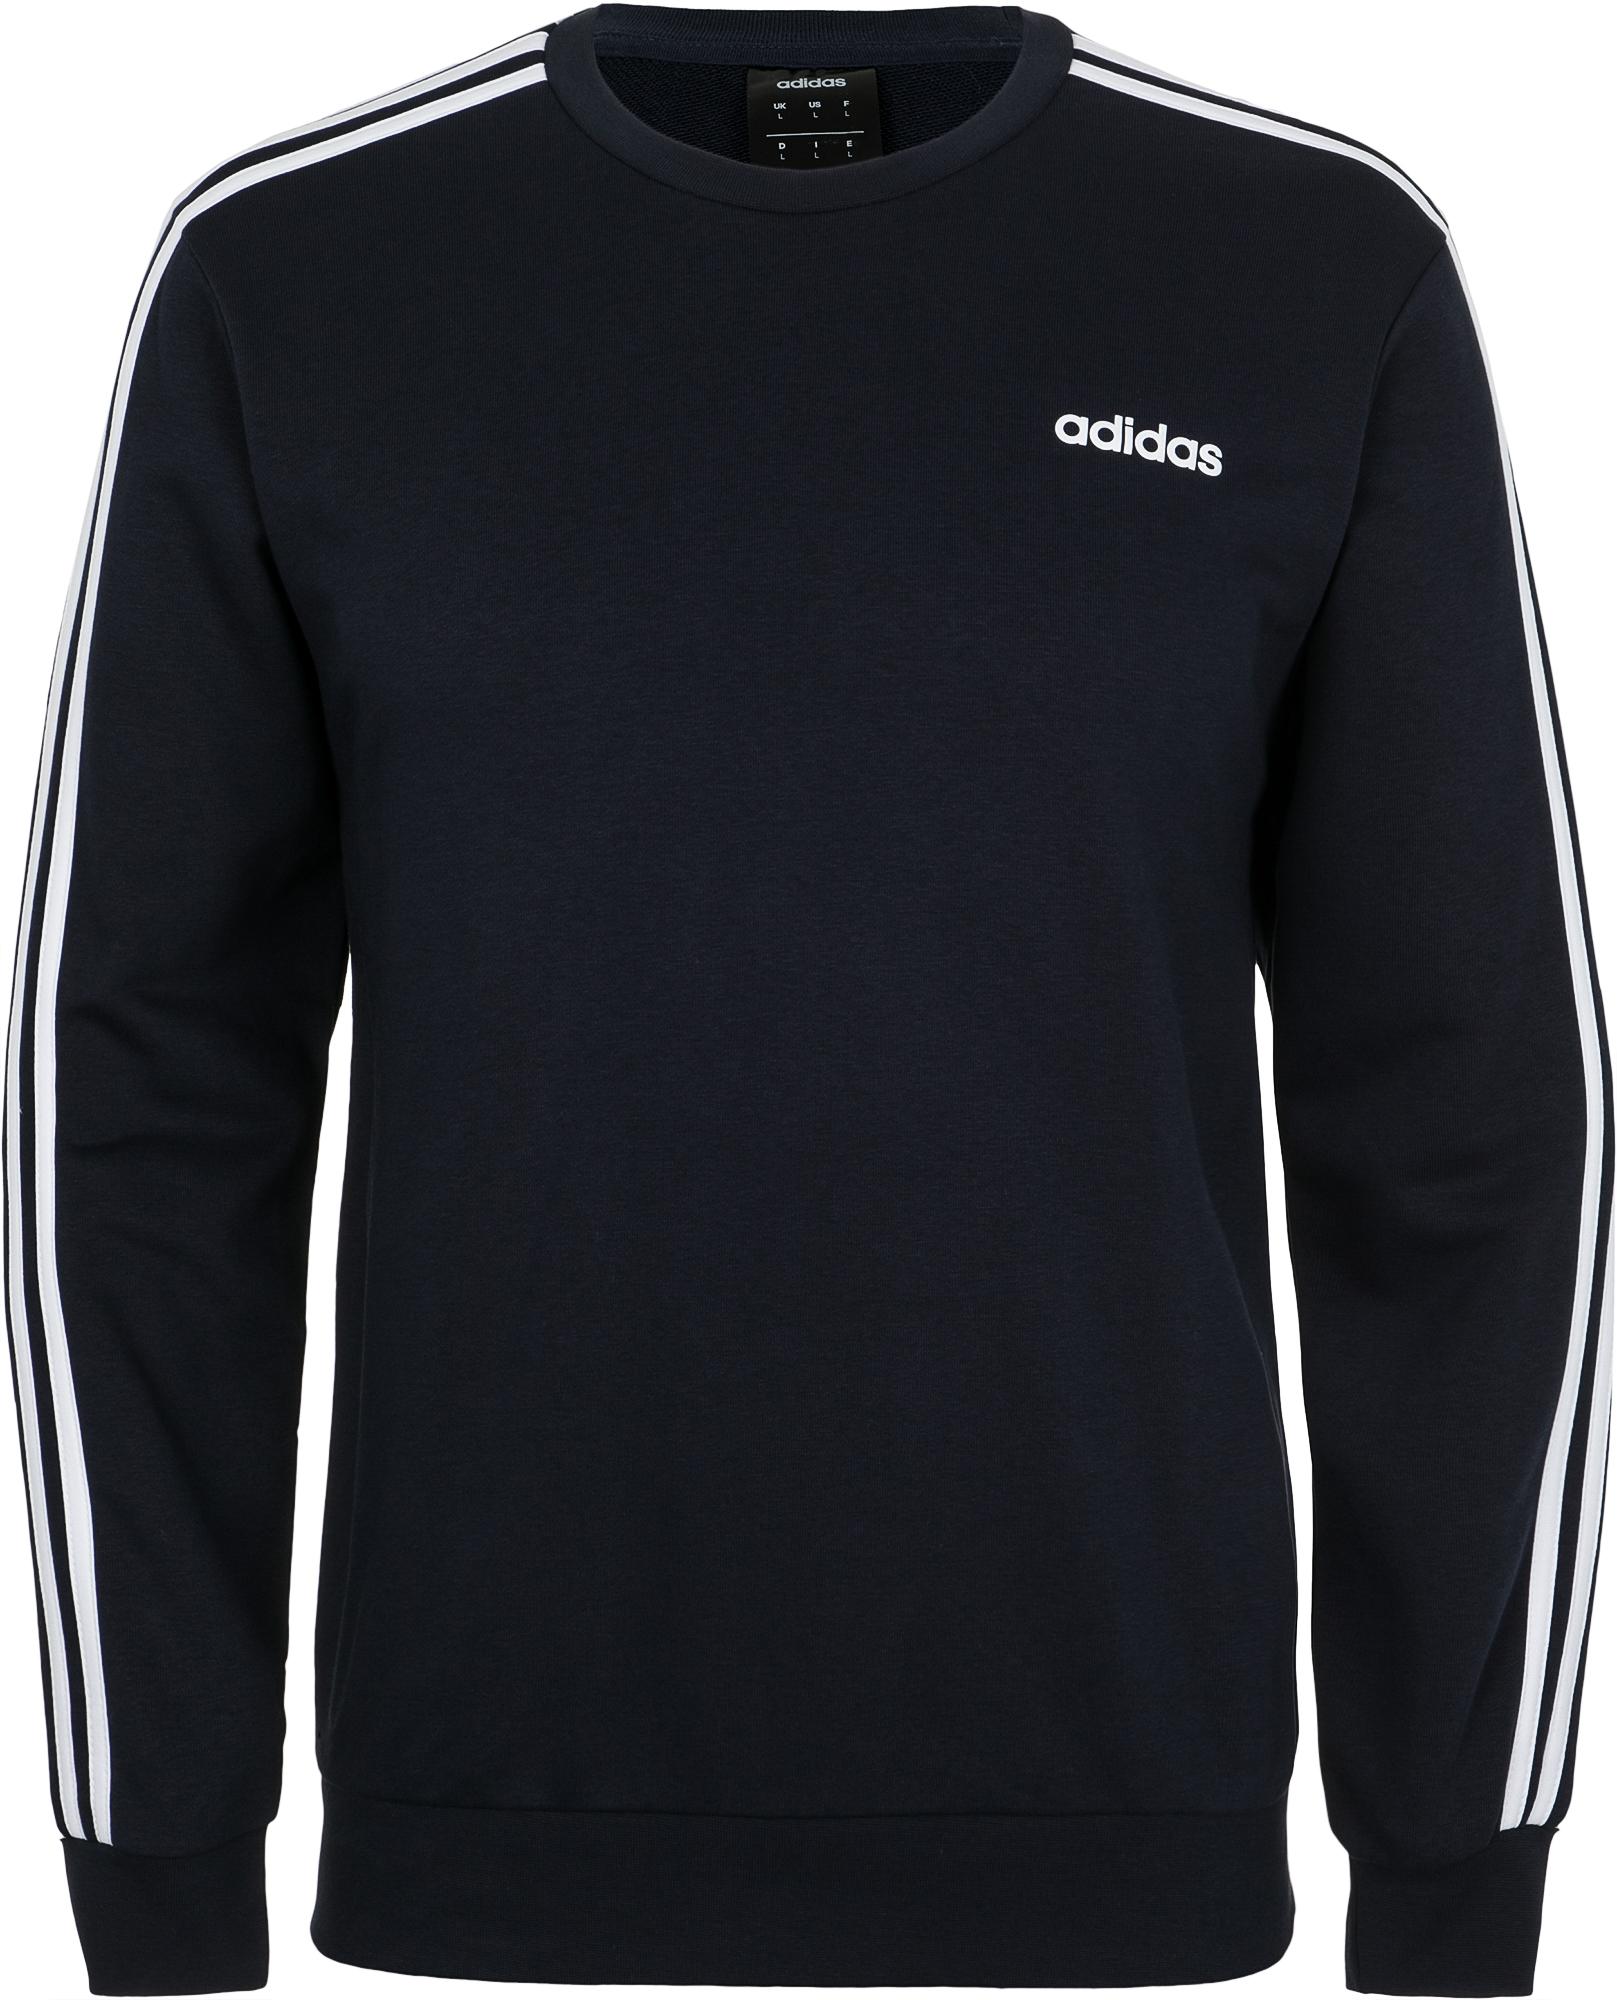 Adidas Свитшот мужской Adidas Essential 3-Stripes Crew, размер 54 цены онлайн